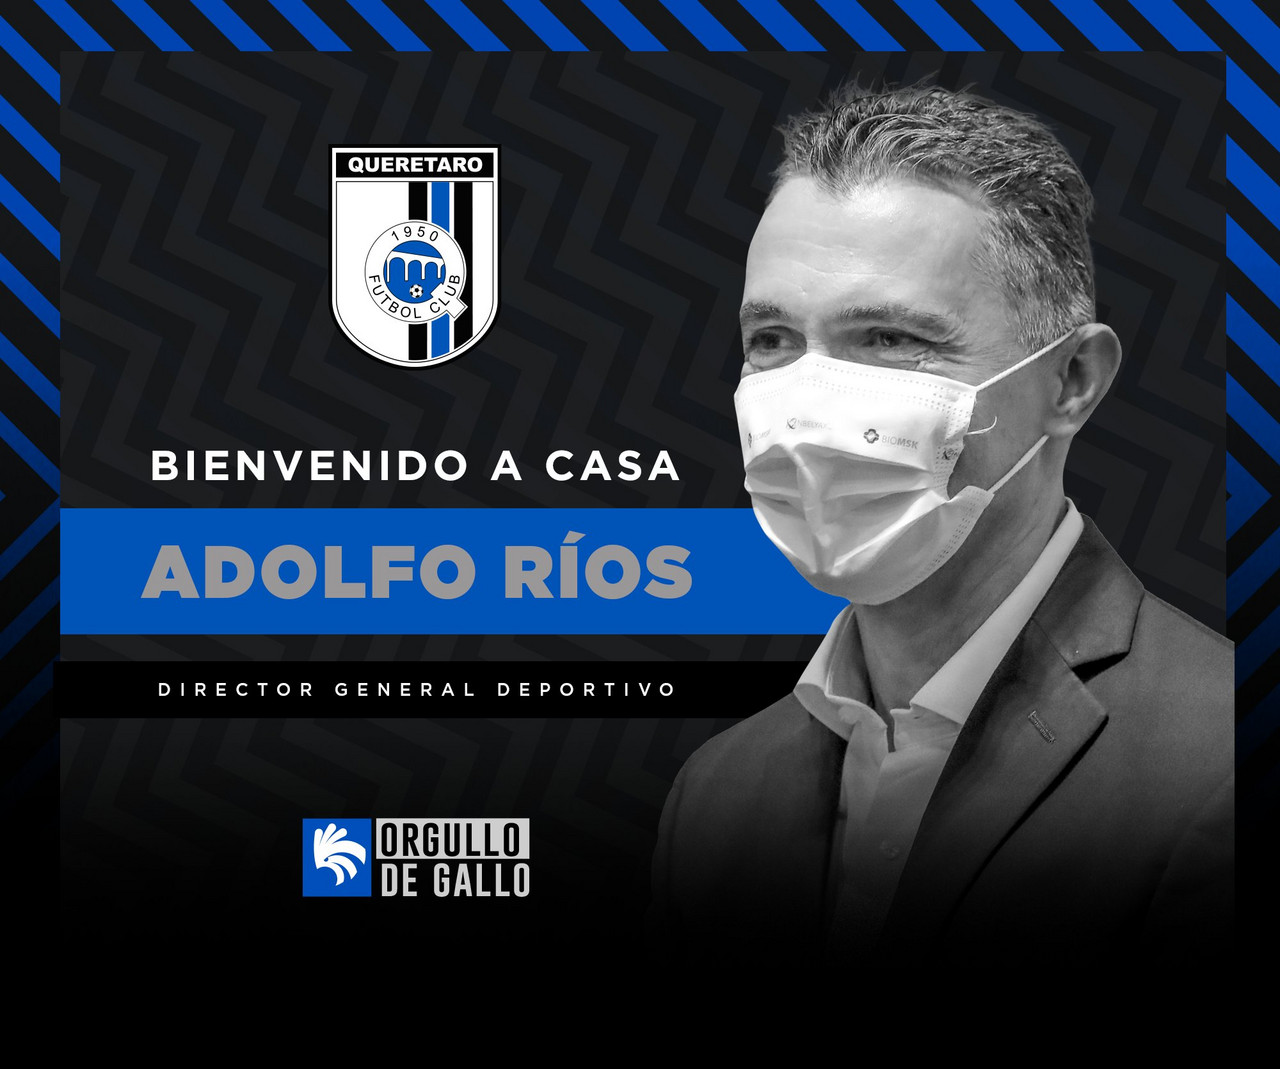 Adolfo Ríos regresa a Querétaro